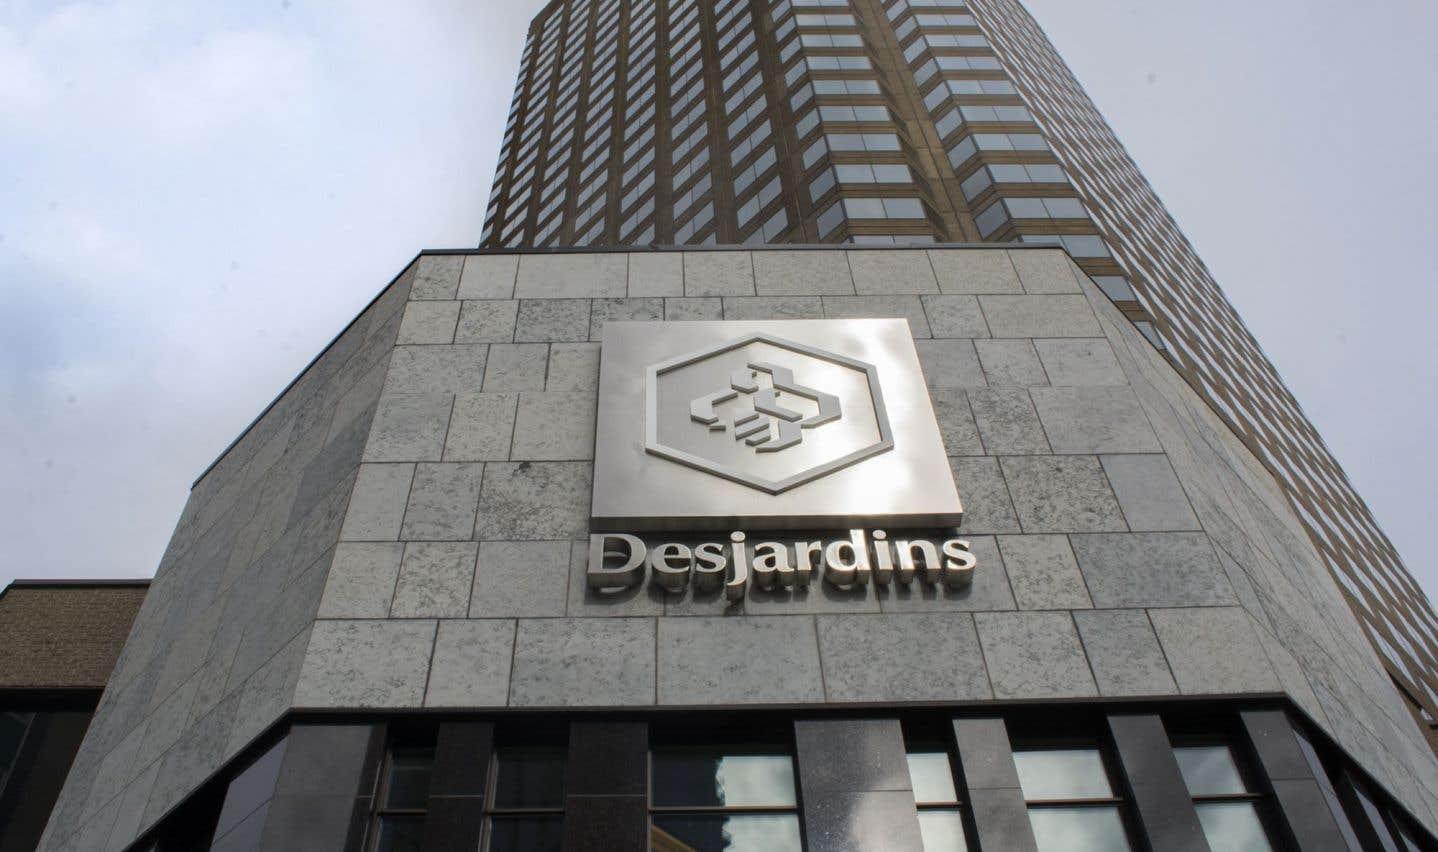 Le mouvement Desjardins présente des résultats solides.